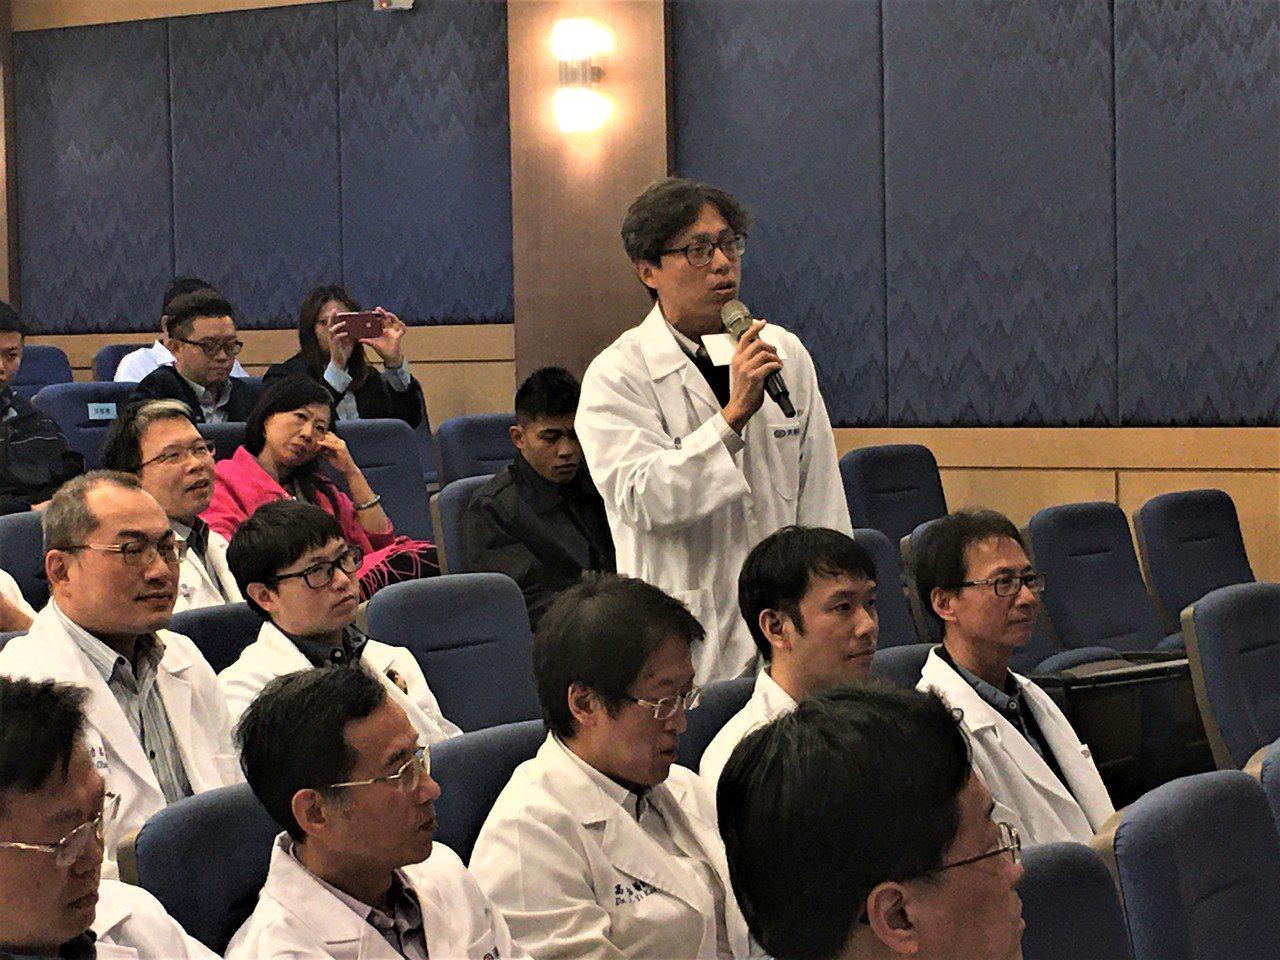 國民黨副總統參選人張善政與桃園醫界與談,不少醫師熱烈提問。 記者鄧桂芬/攝影